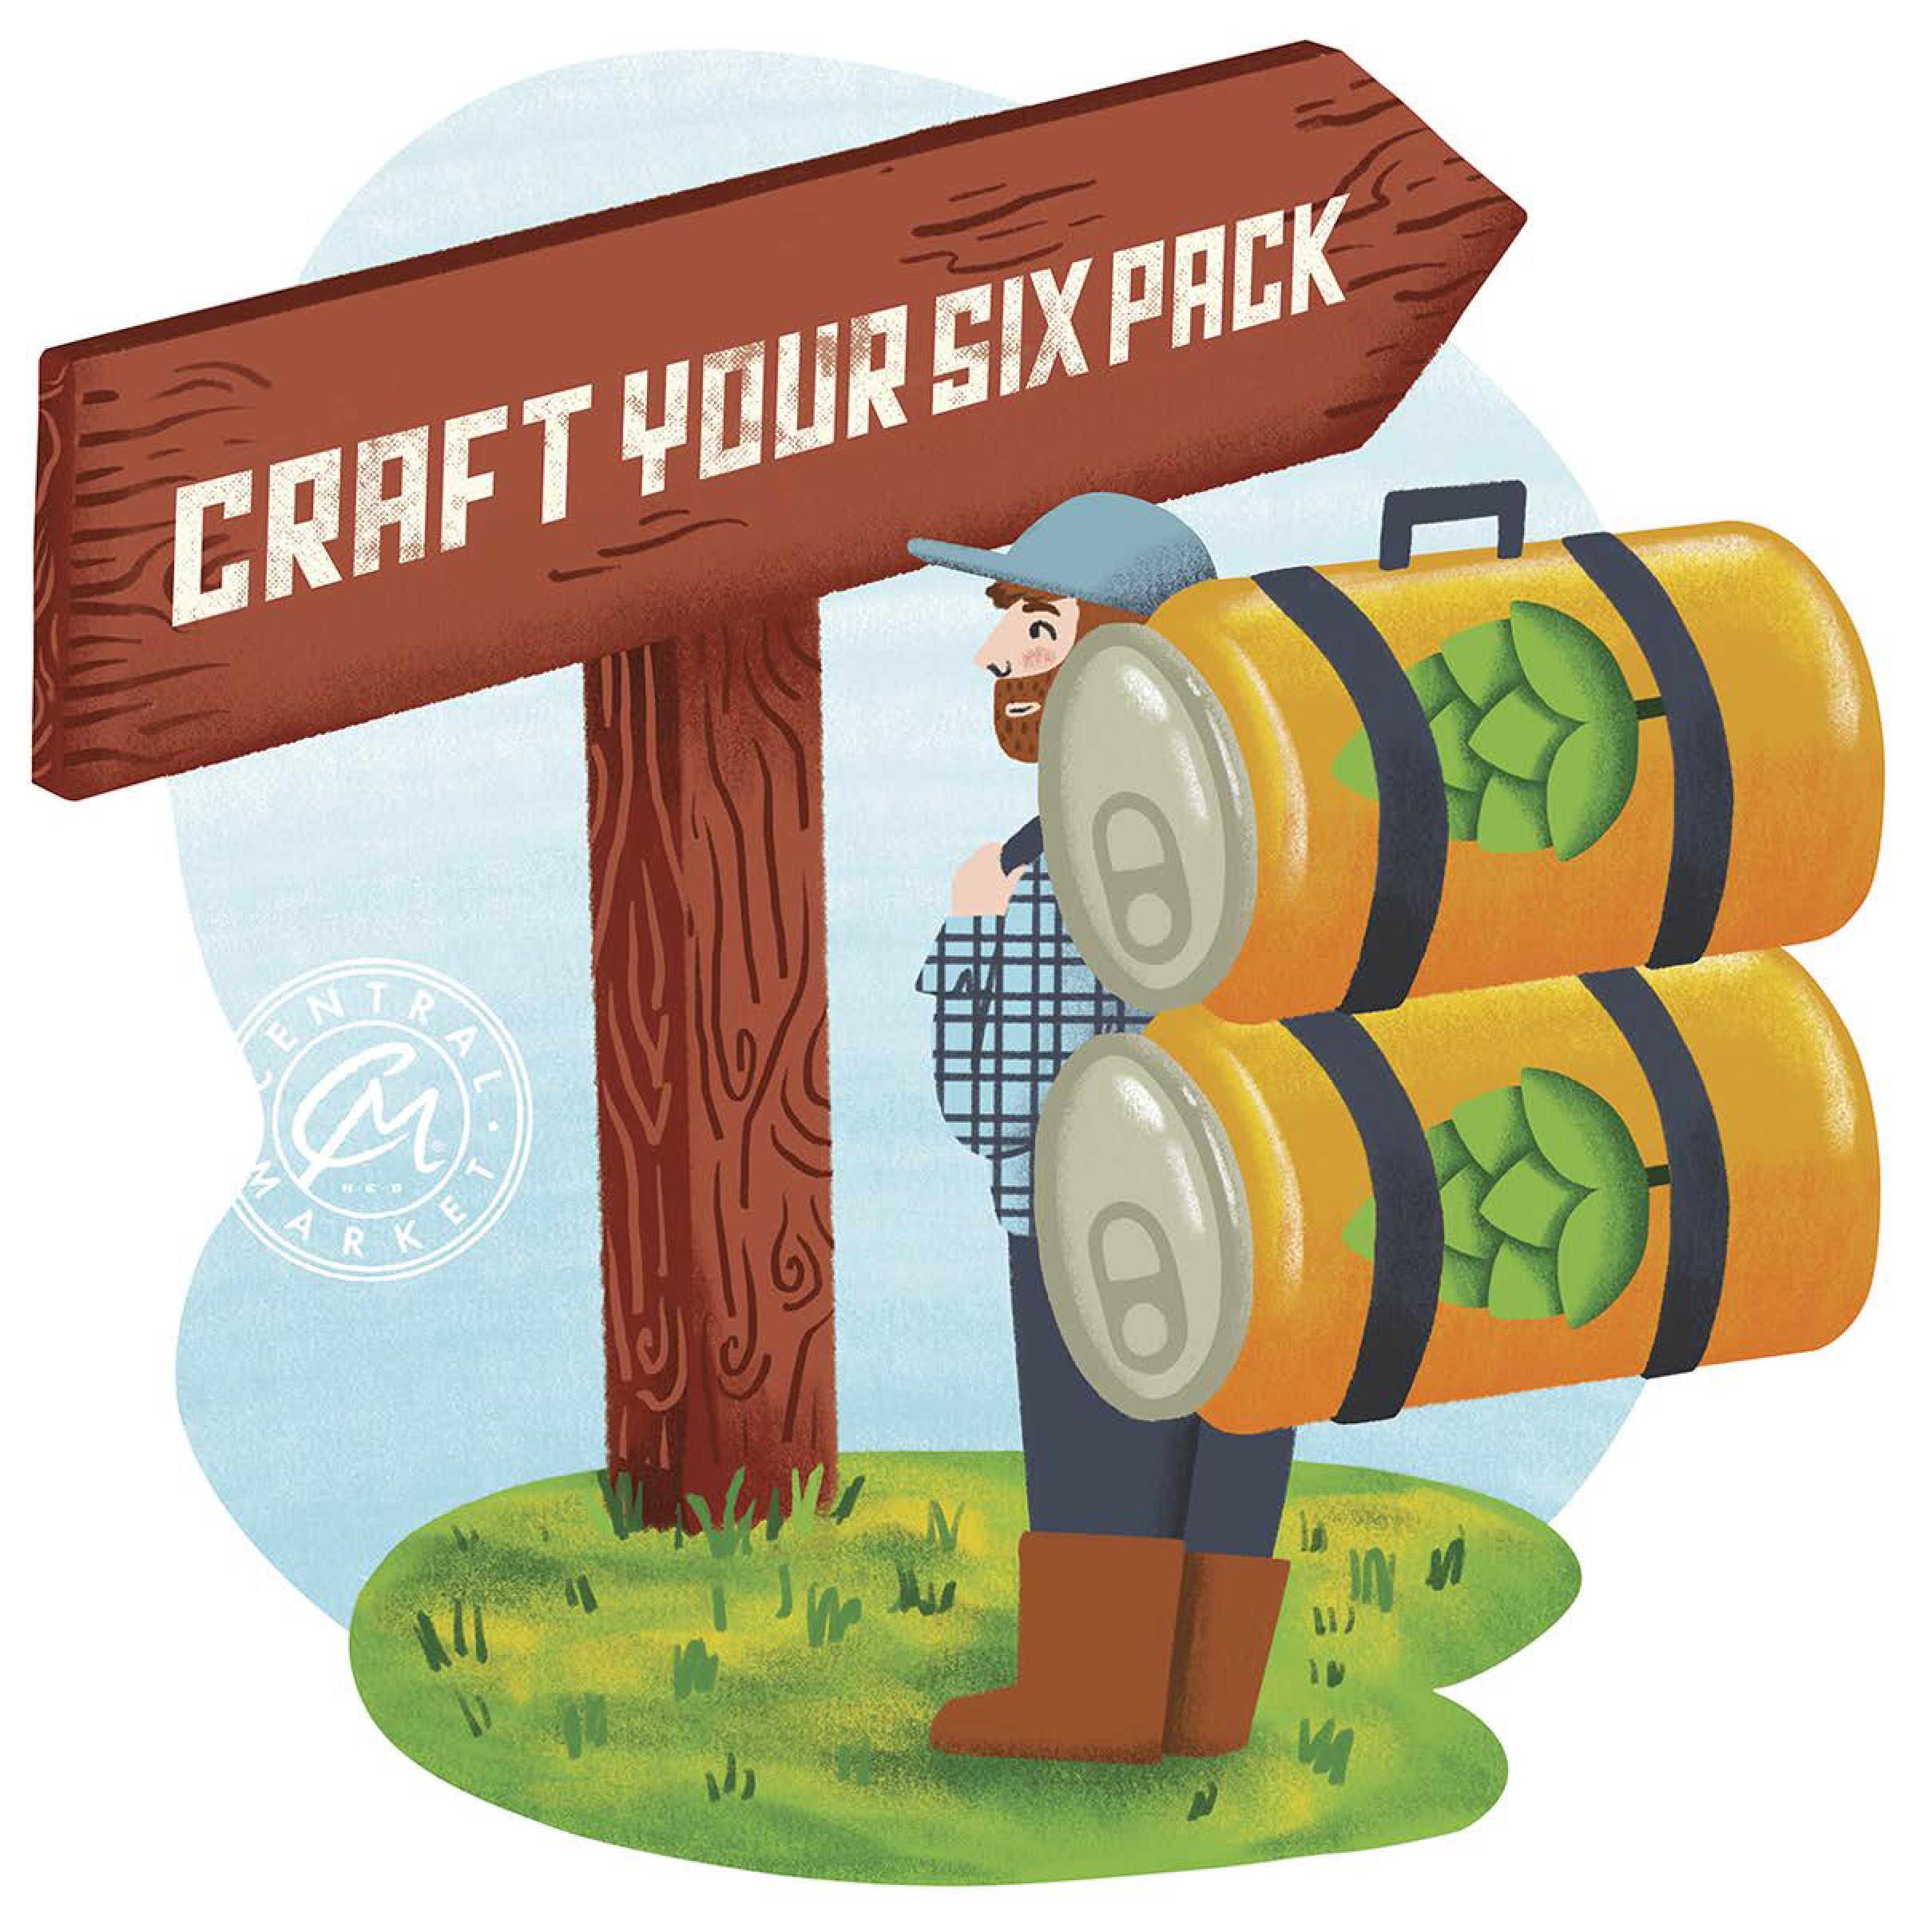 poster_beerpack.jpg